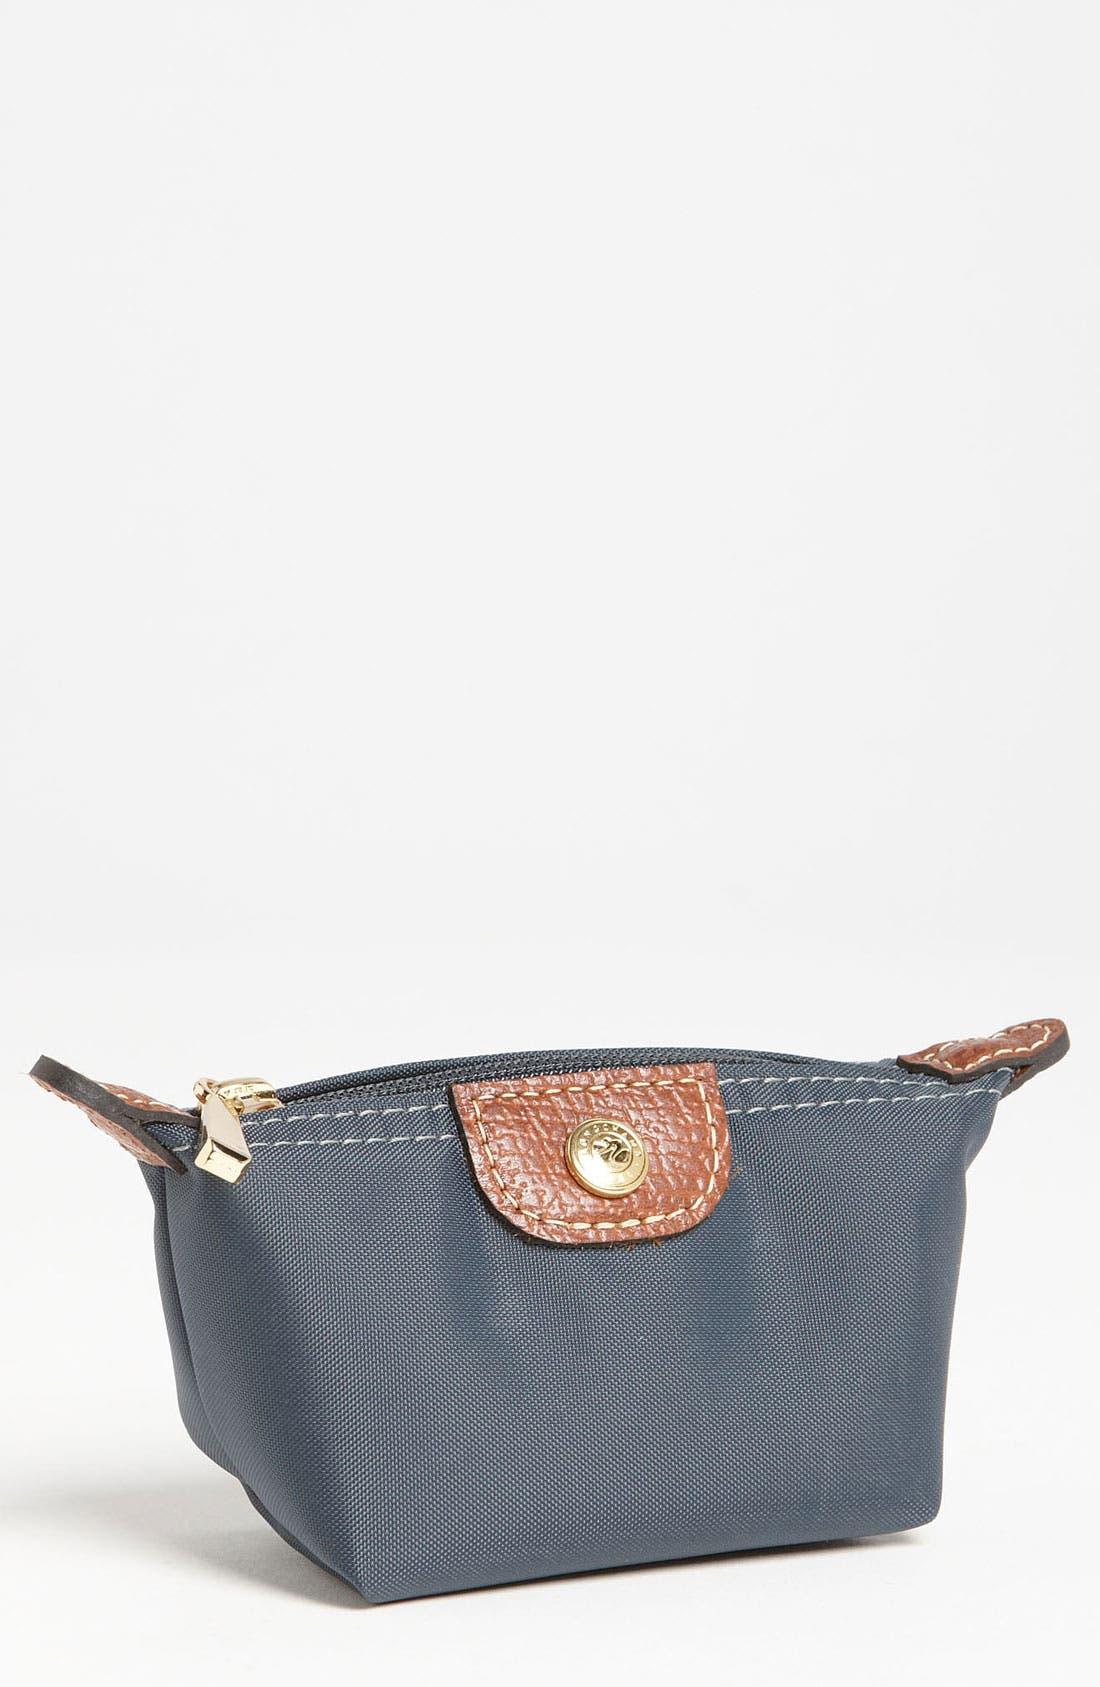 Main Image - Longchamp 'Le Pliage' Coin Pouch